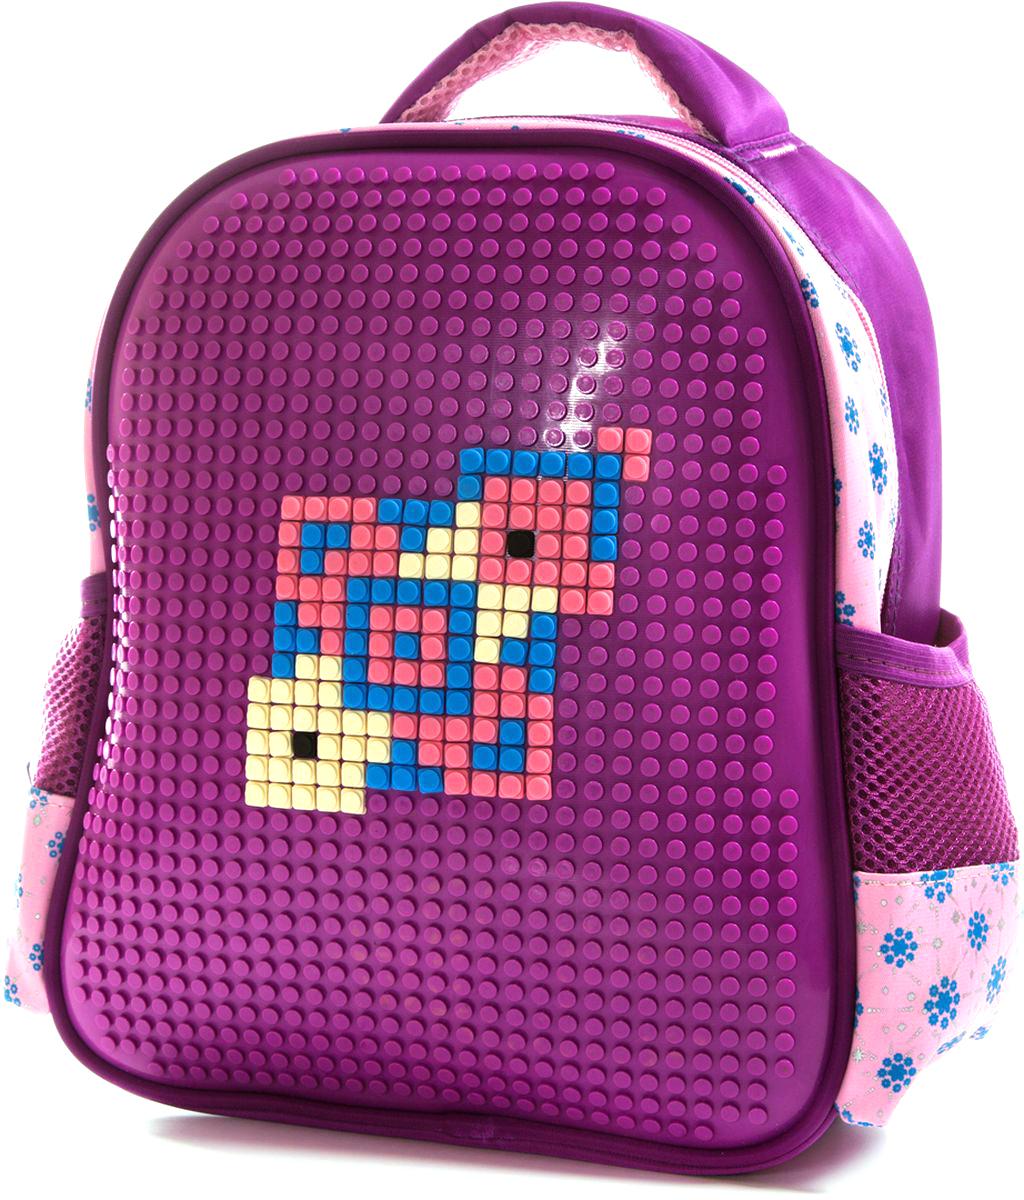 Vittorio Richi Рюкзак для девочки цвет фиолетовый, розовый K07R8880972523WDРюкзак Vittorio Richi с набором пикселей в комплекте. Водоотталкивающая износостойкая ткань. Укрепленная спинка, эластичные широкие лямки. У рюкзака одно основное отделение, дополнительный карман для мелочей внутри, два открытых кармашка по бокам.